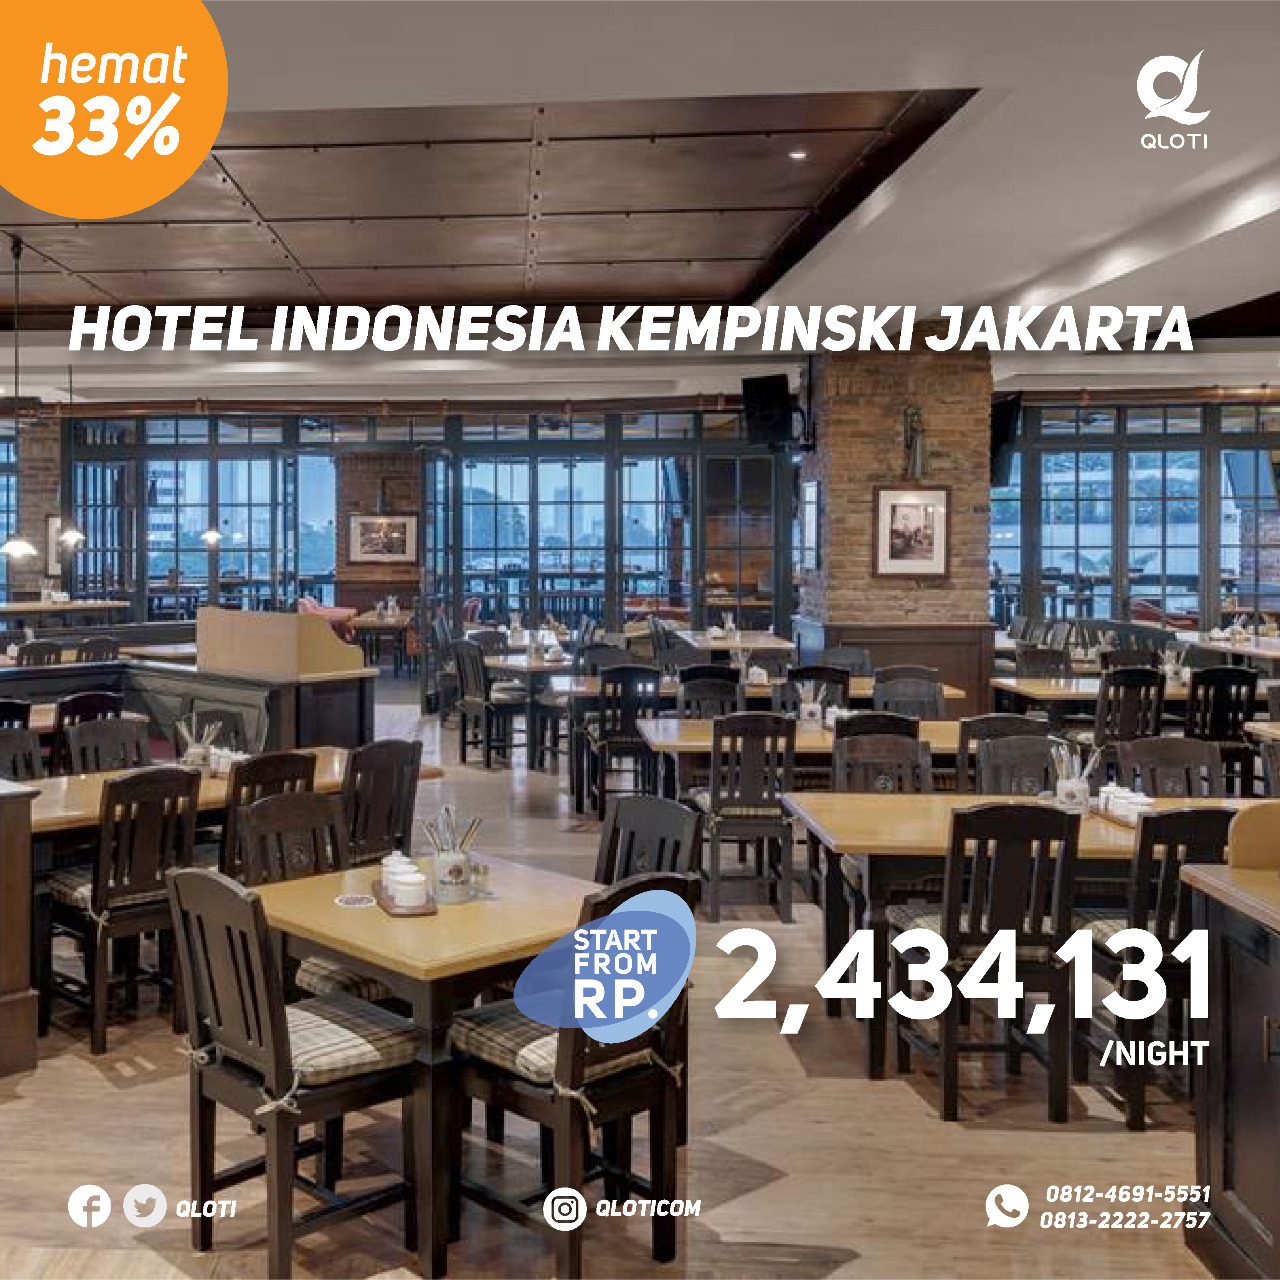 Hotel Indonesia Kempinski - yoexplore, liburan keluarga - yoexplore.co.id